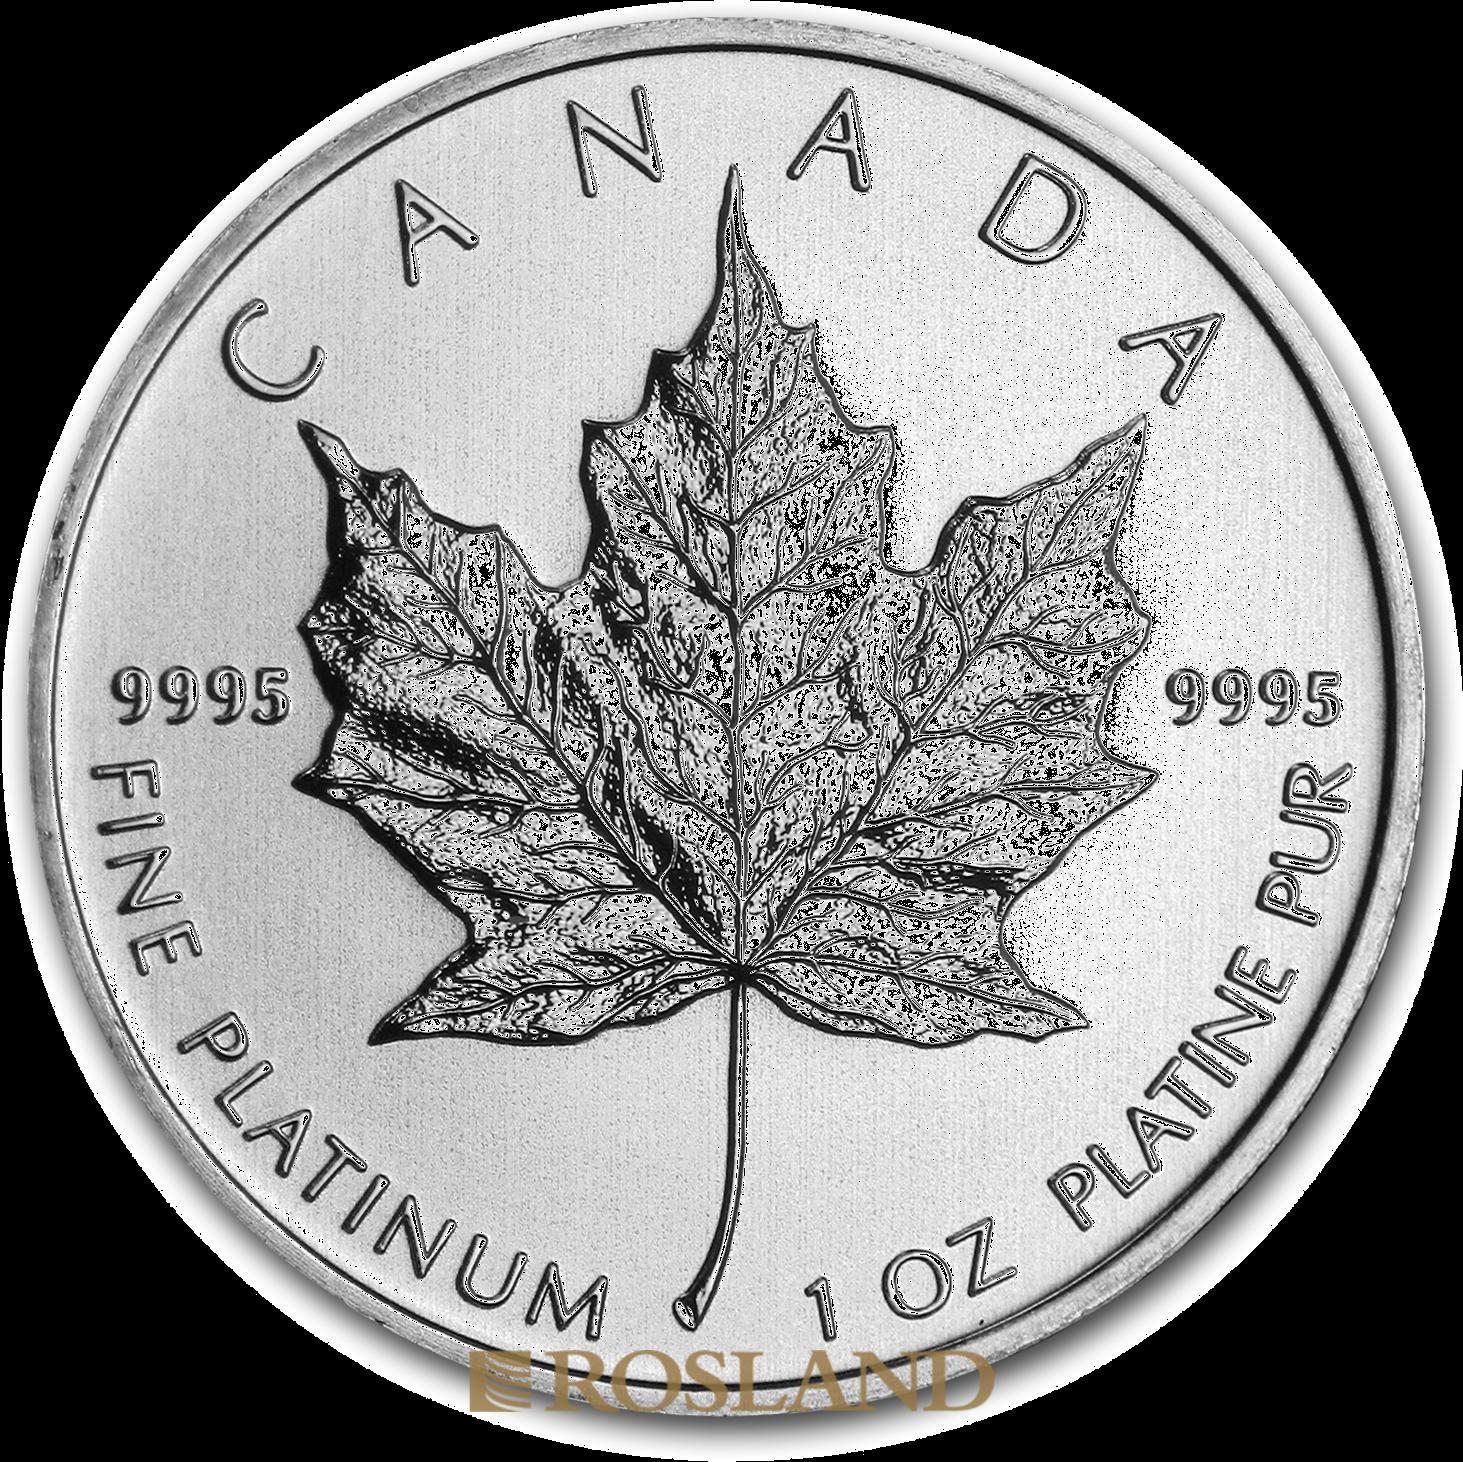 1 Unze Platinmünze Kanada Maple Leaf 2012